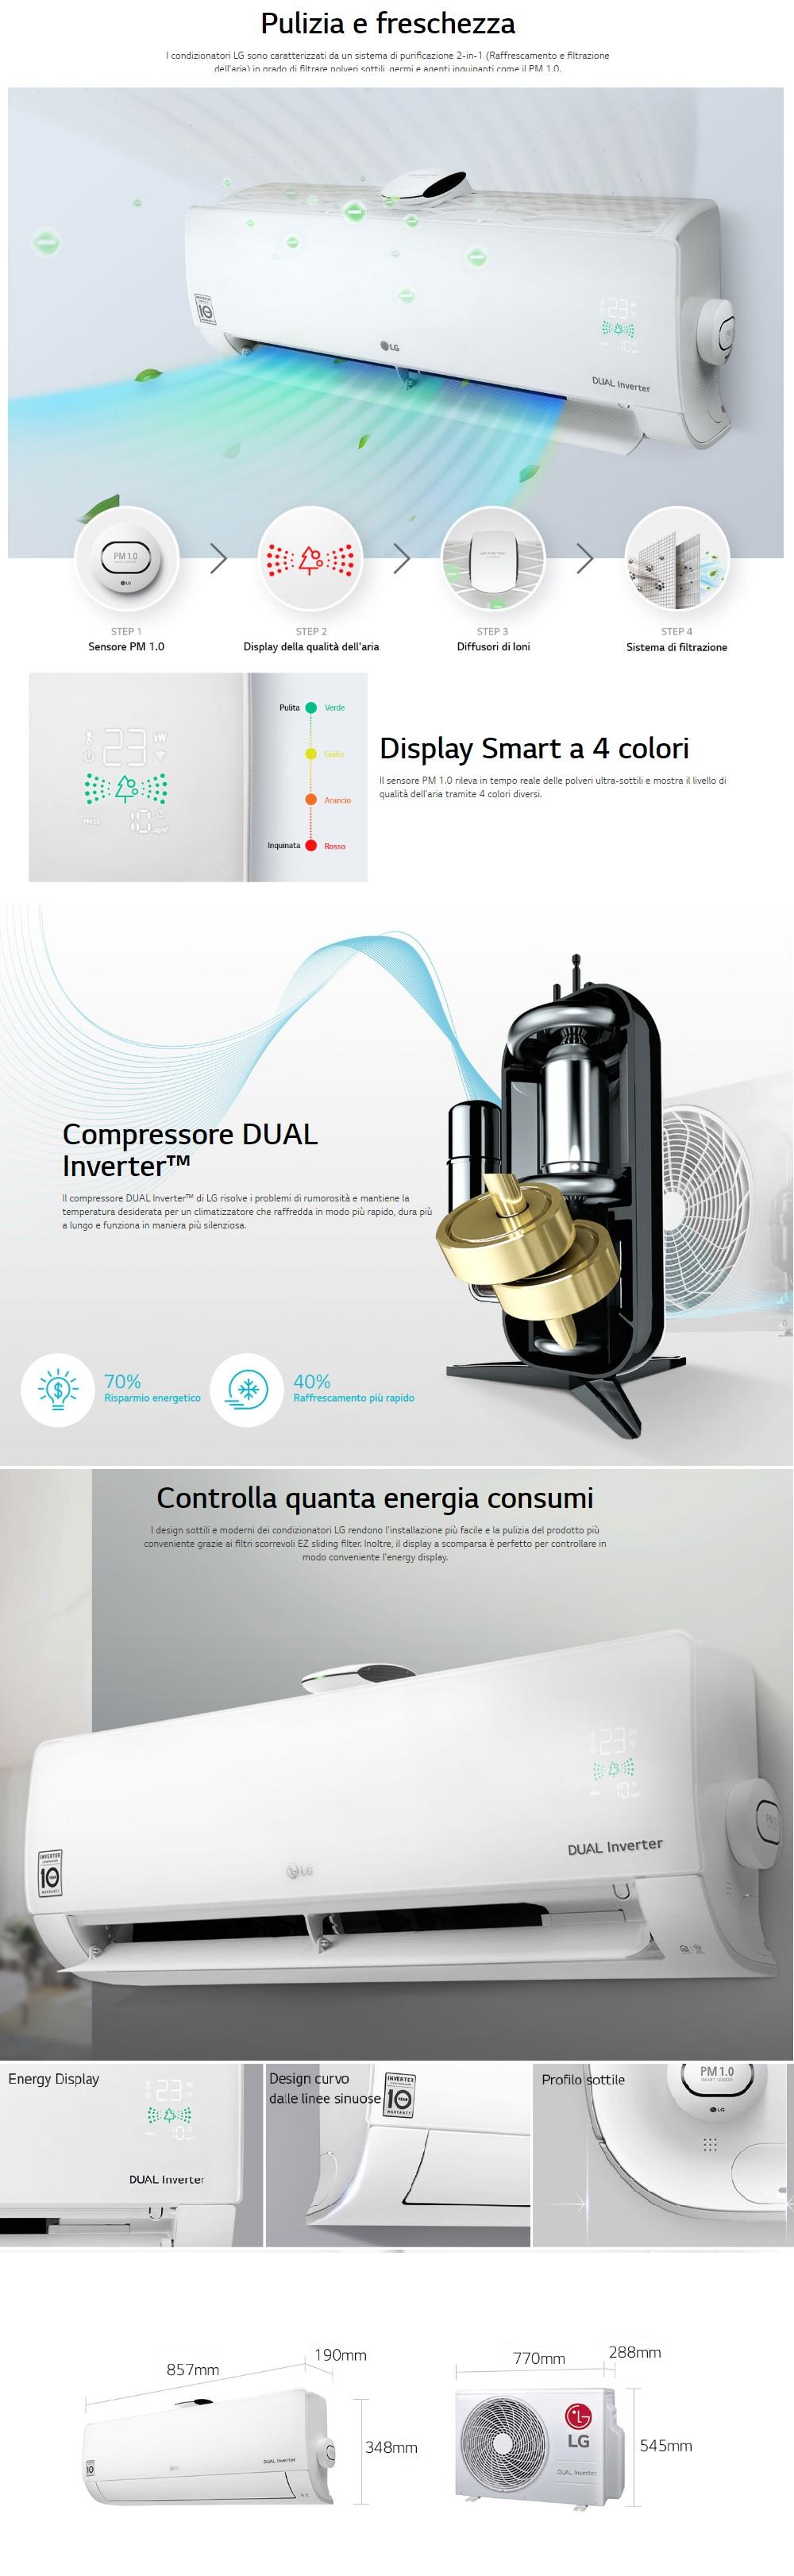 Climatizzatore LG Mono Split 12000 Btu Serie Atmosfera Inverter A++ A+